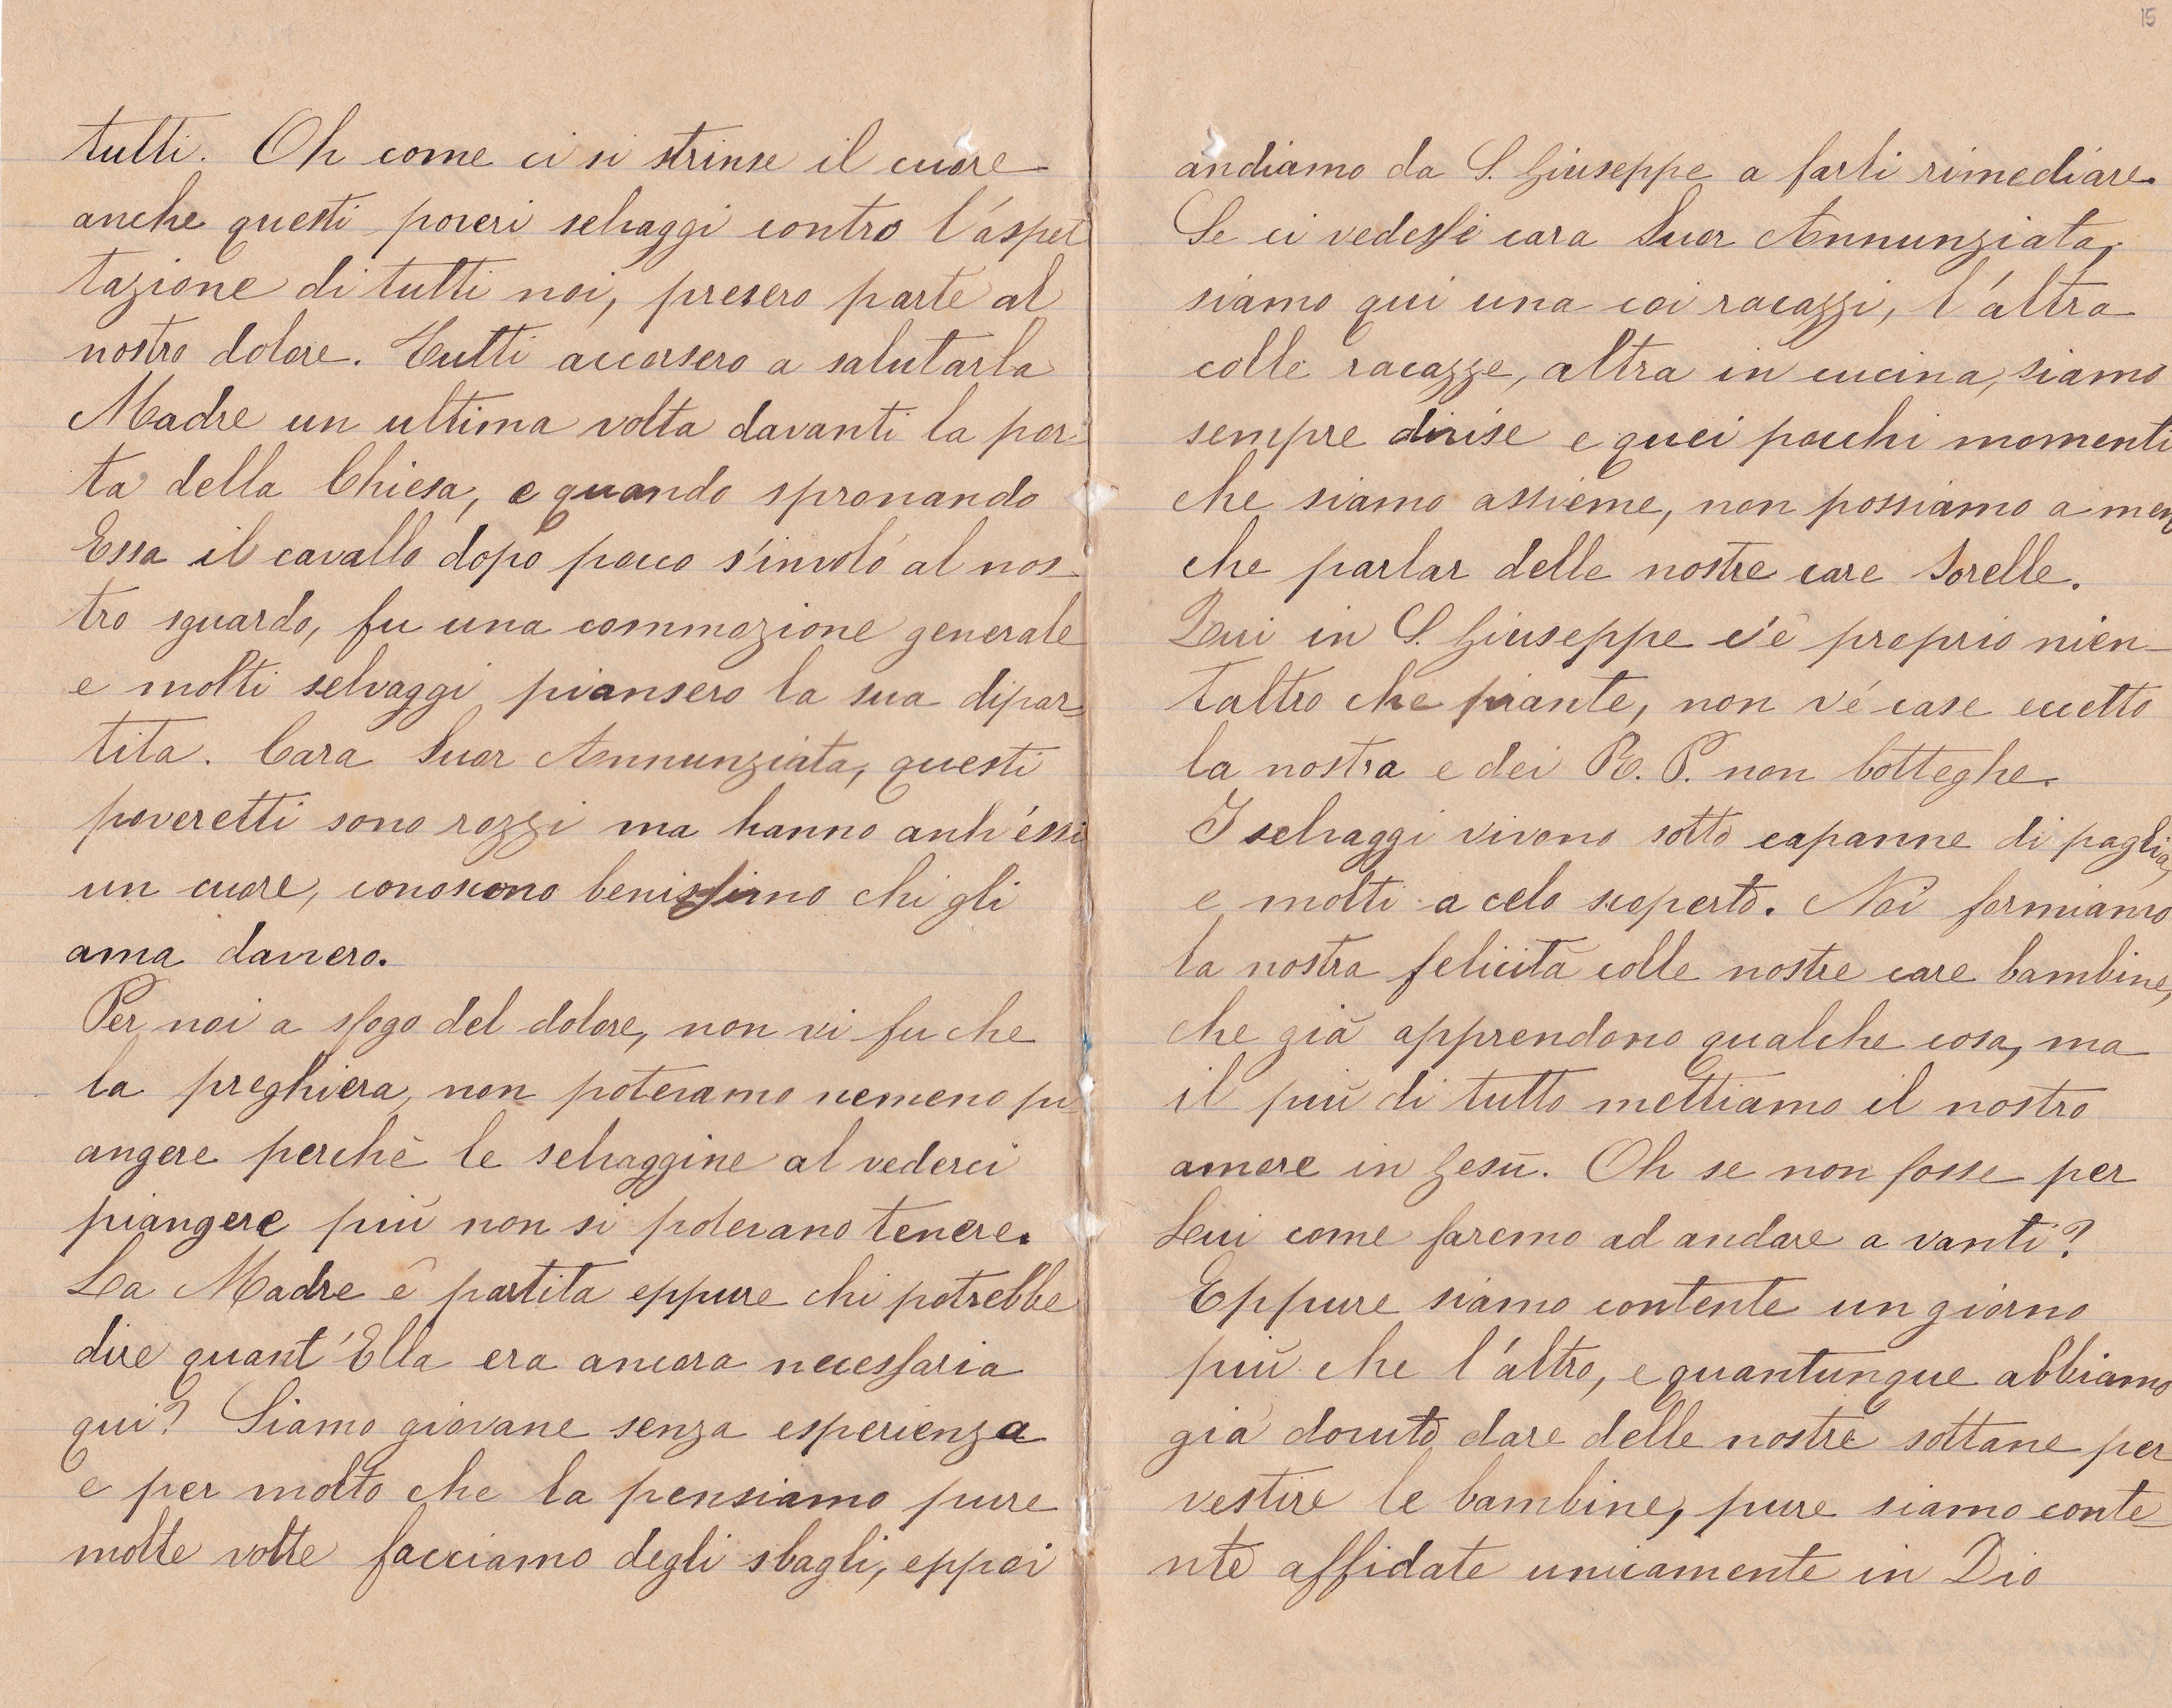 Lettera del 6 ottobre 1899 2^ parte